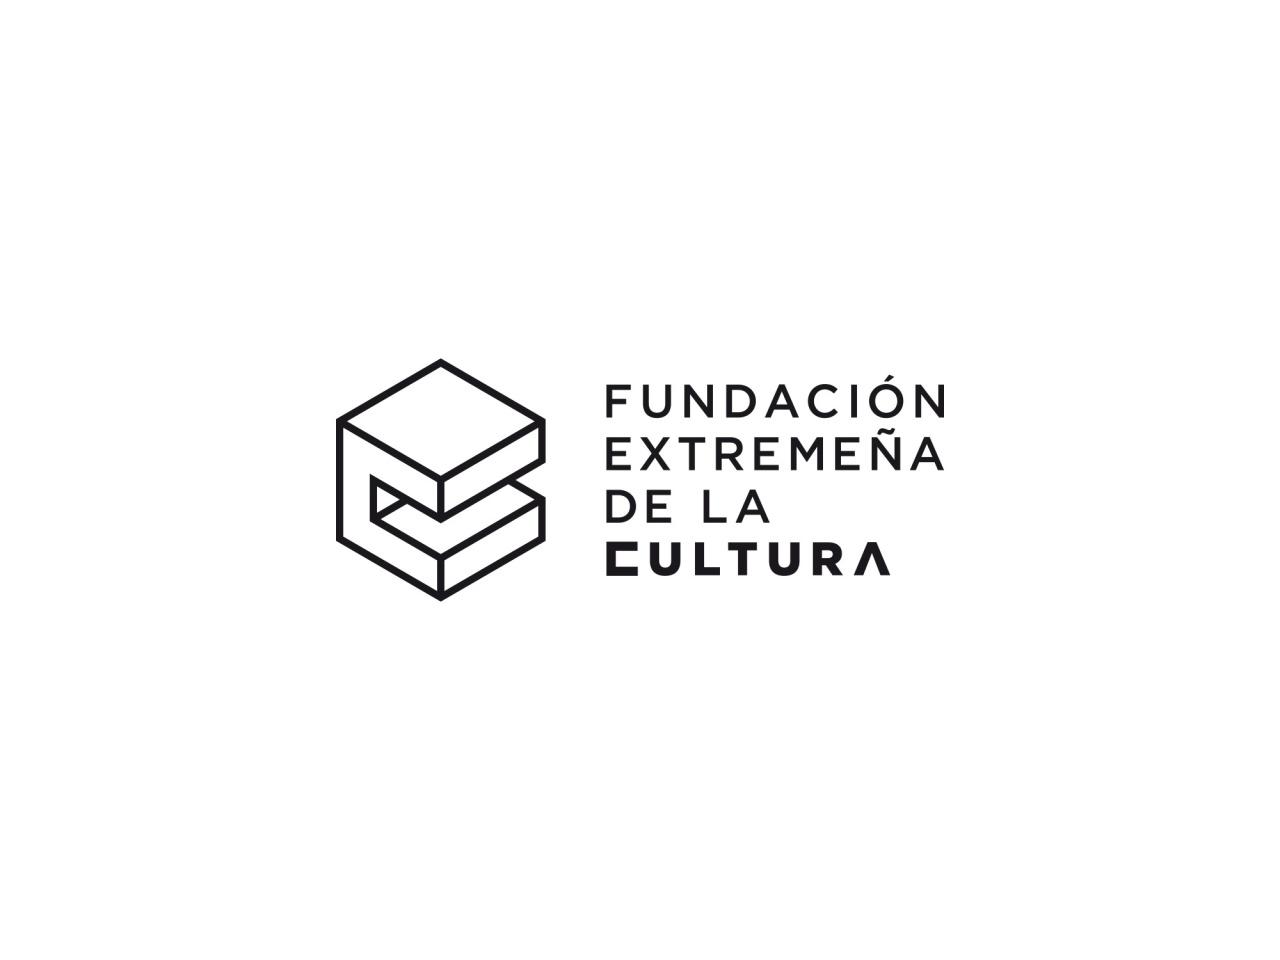 Logotipo de la Fundación Extremeña de la Cultura